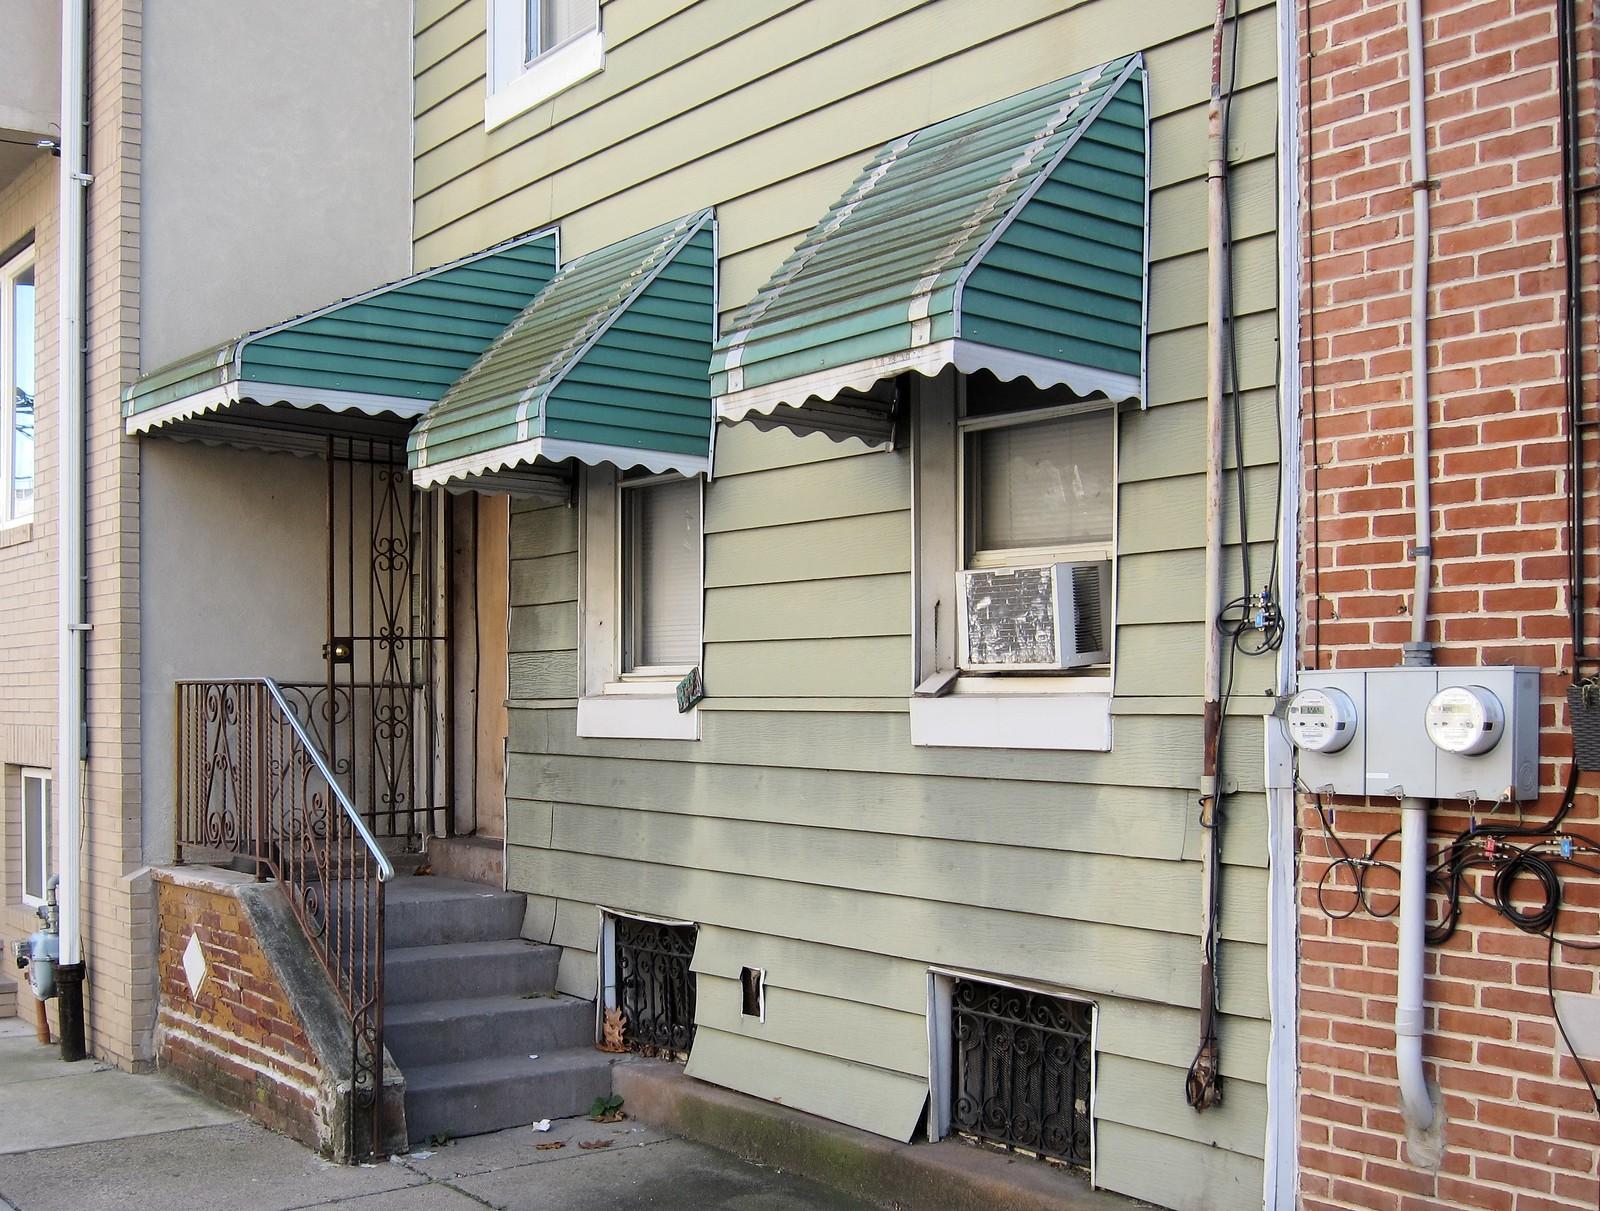 Mein Haus, das hat drei Ecken / Tricorne Building | by bartholmy